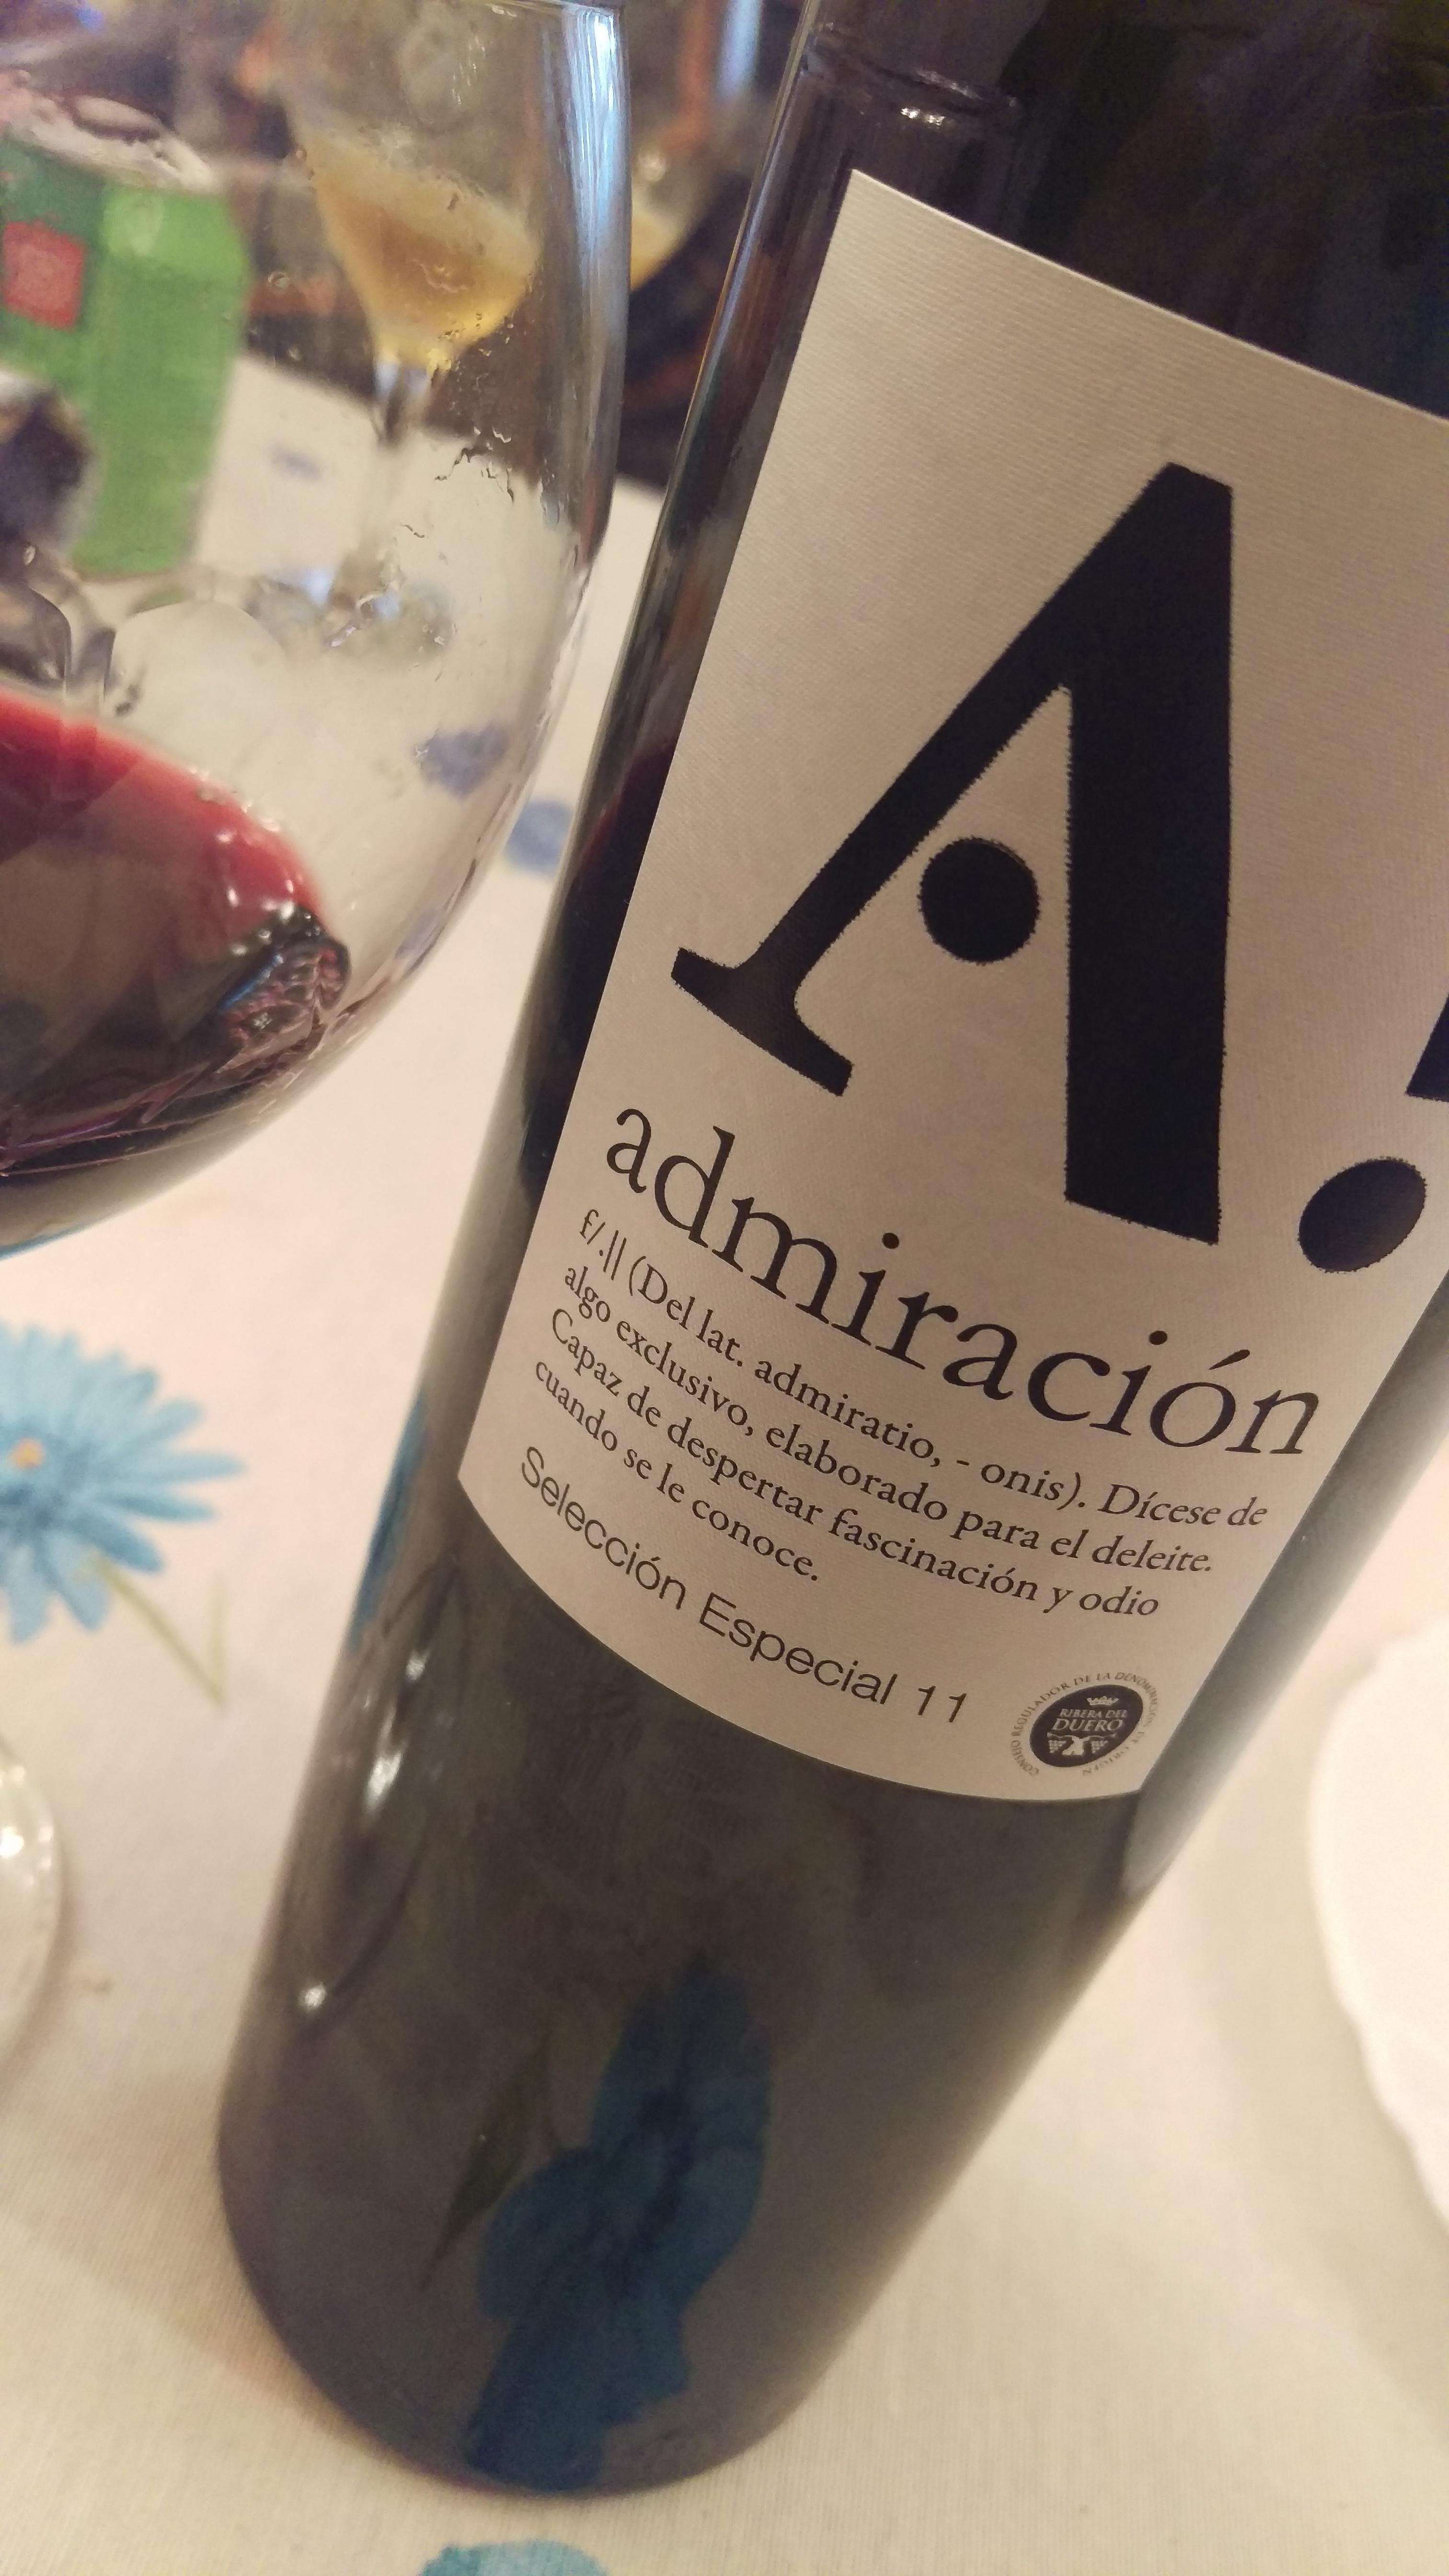 Admiración! Selección Especial 2011, gran vino de autor de Peñafiel!